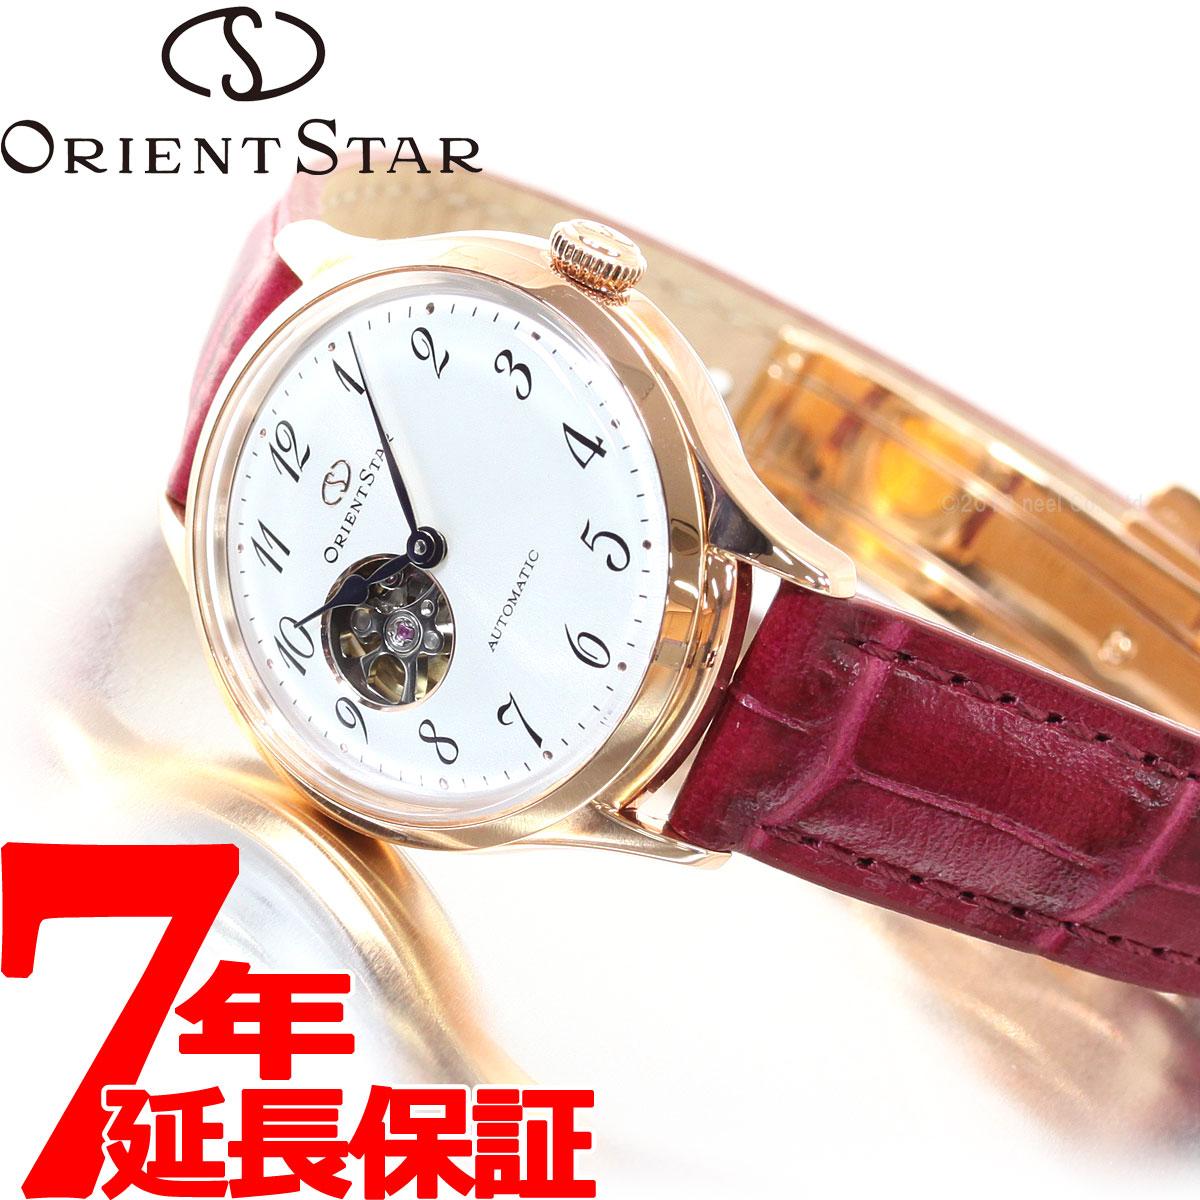 【5日0時~♪10%OFFクーポン&店内ポイント最大51倍!5日23時59分まで】オリエントスター ORIENT STAR 腕時計 レディース 自動巻き メカニカル クラシック セミスケルトン RK-ND0006S